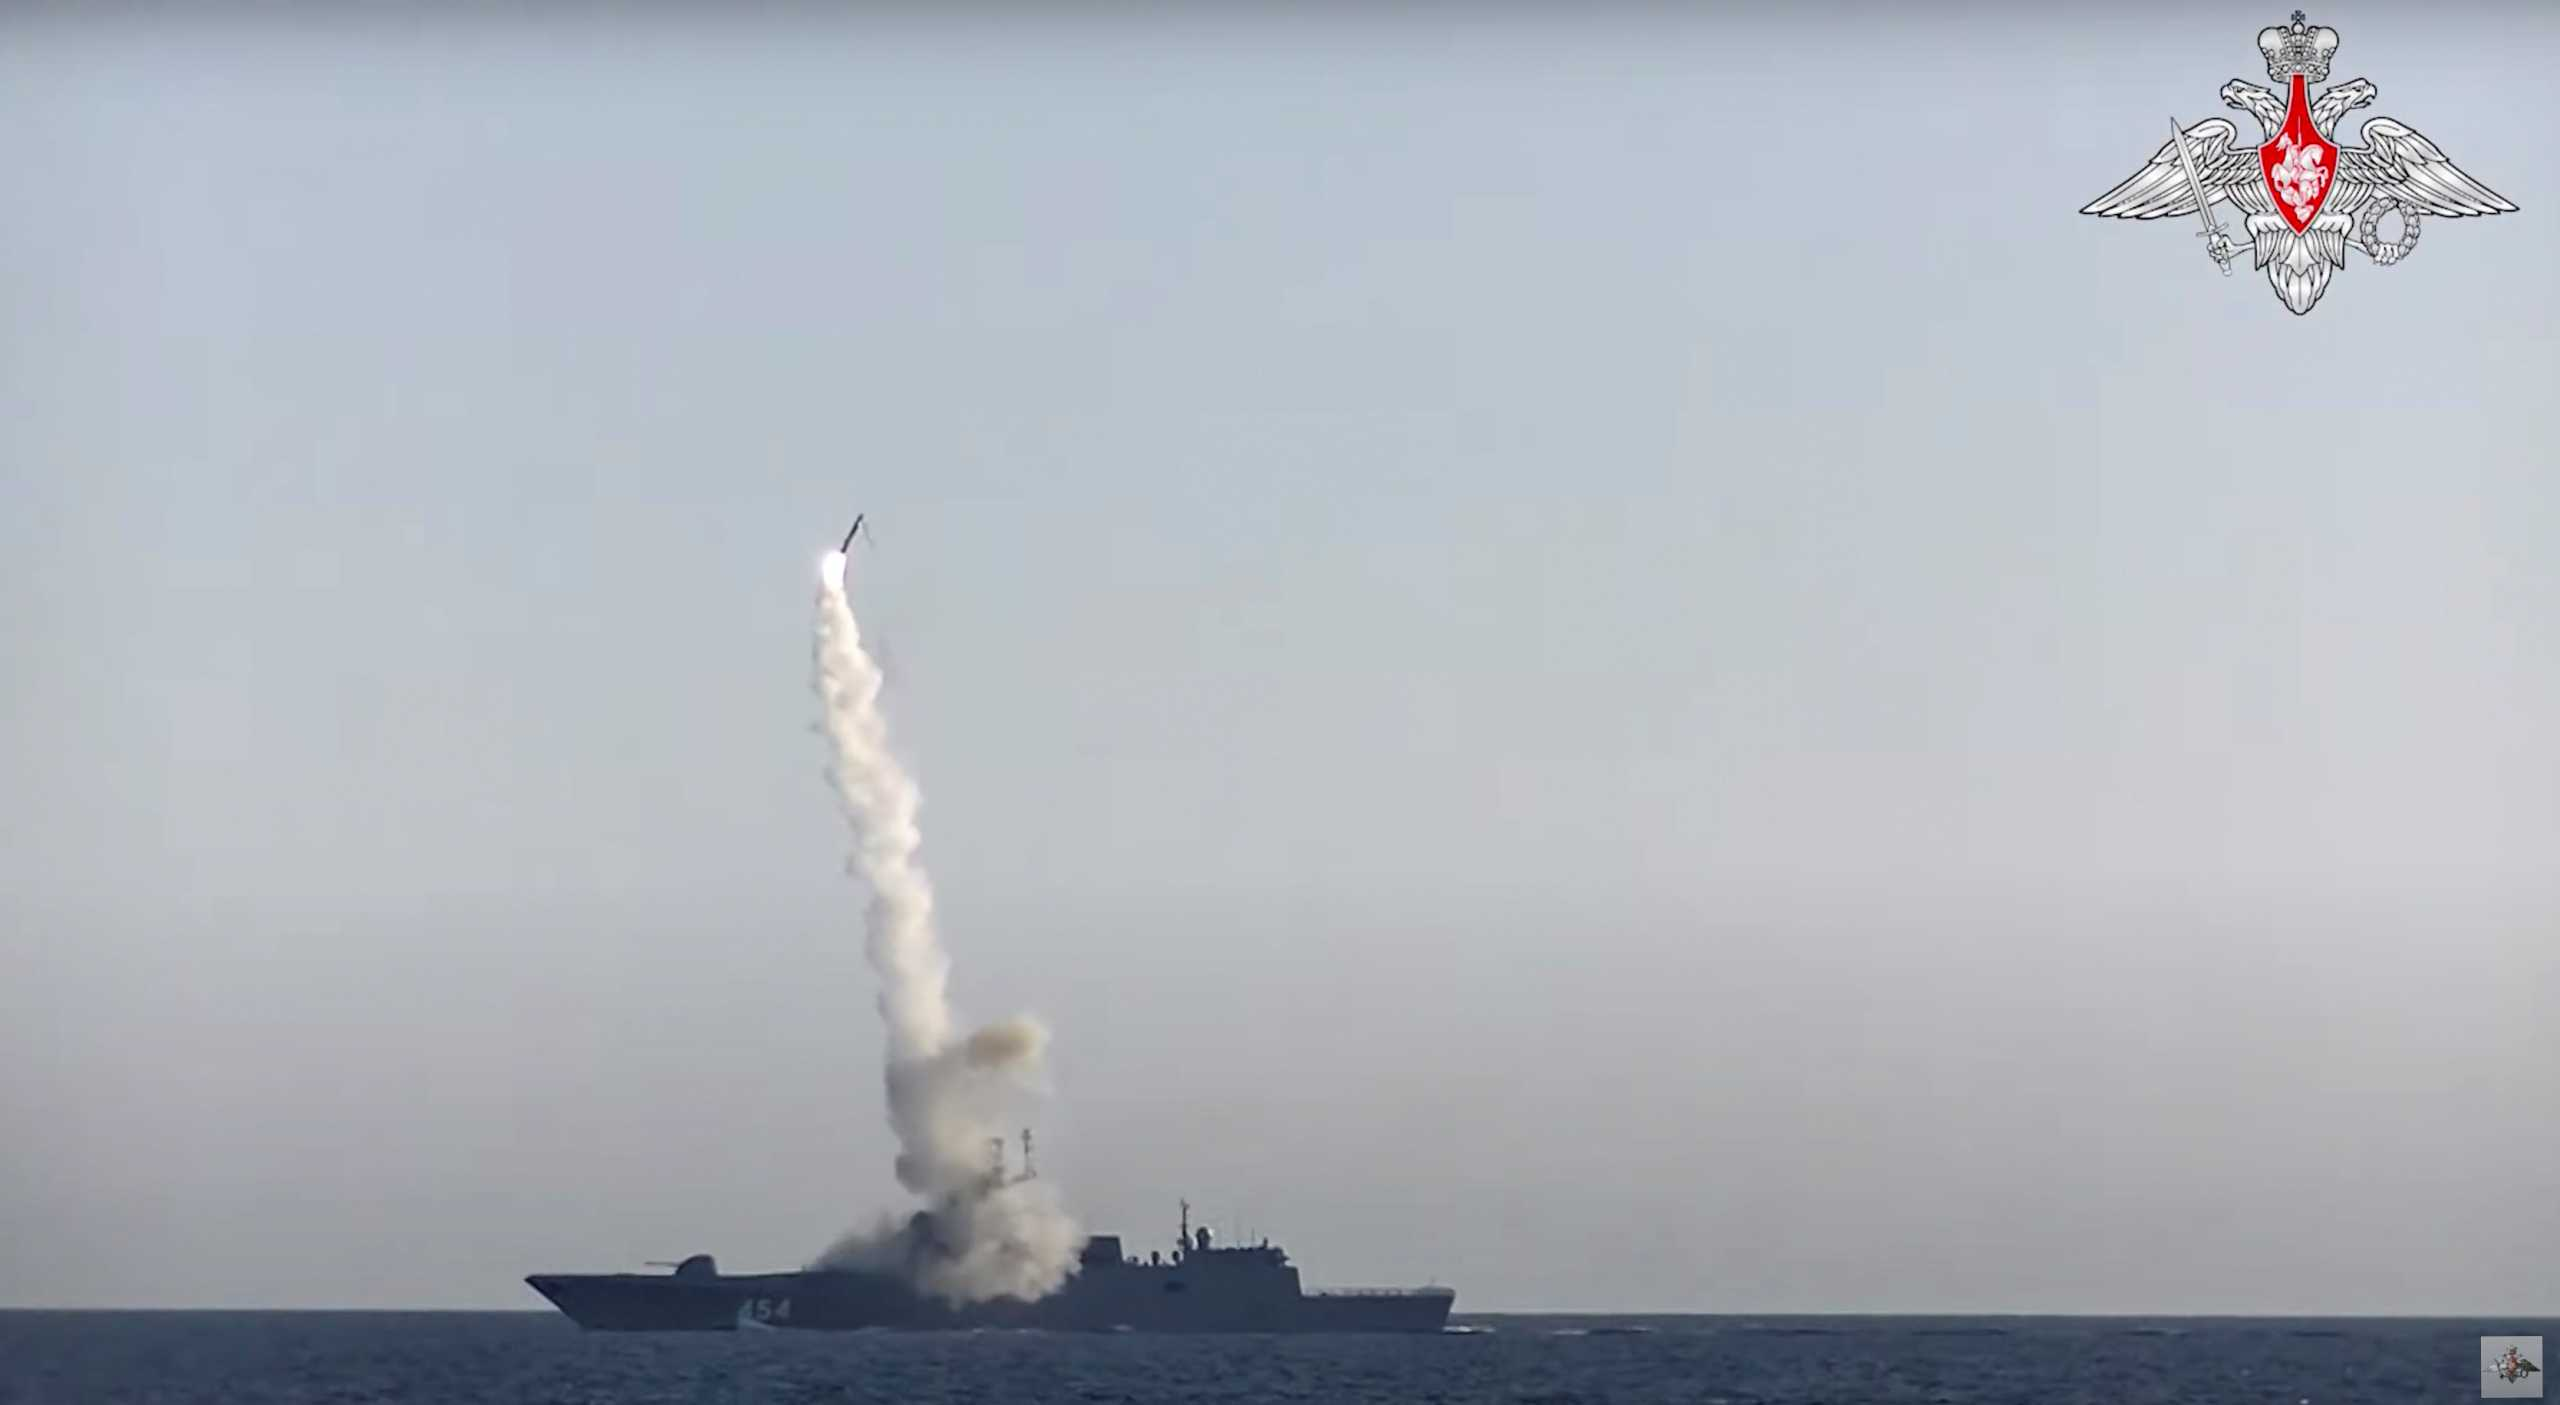 Συρία: Ήχησαν σειρήνες πυραυλικής επίθεσης από το Ισραήλ σε Δαμασκό και Χομς